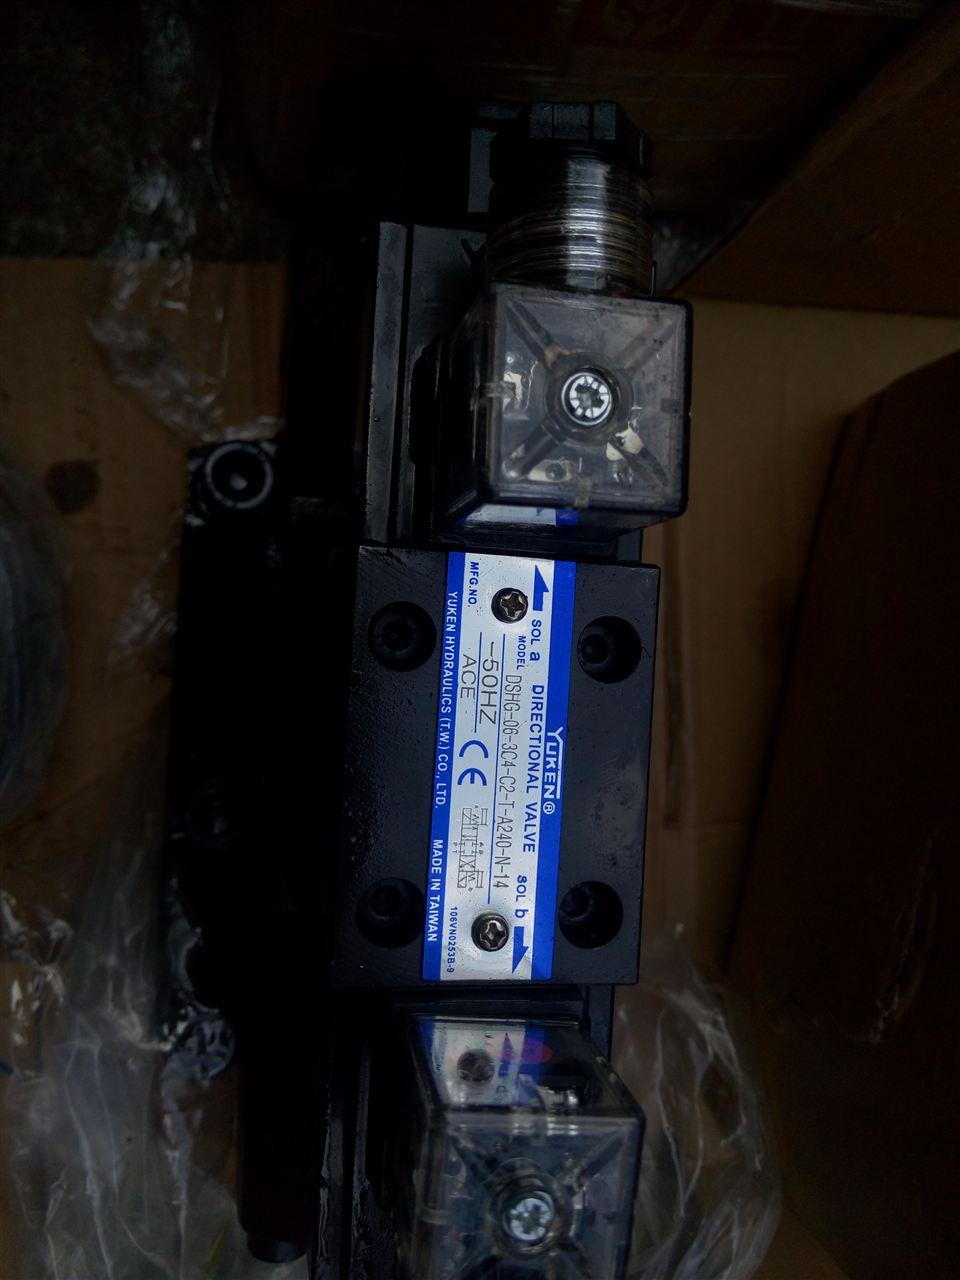 外形轻巧电磁阀响应时间可以短至几个毫秒,即使是先导式电磁阀也可以图片